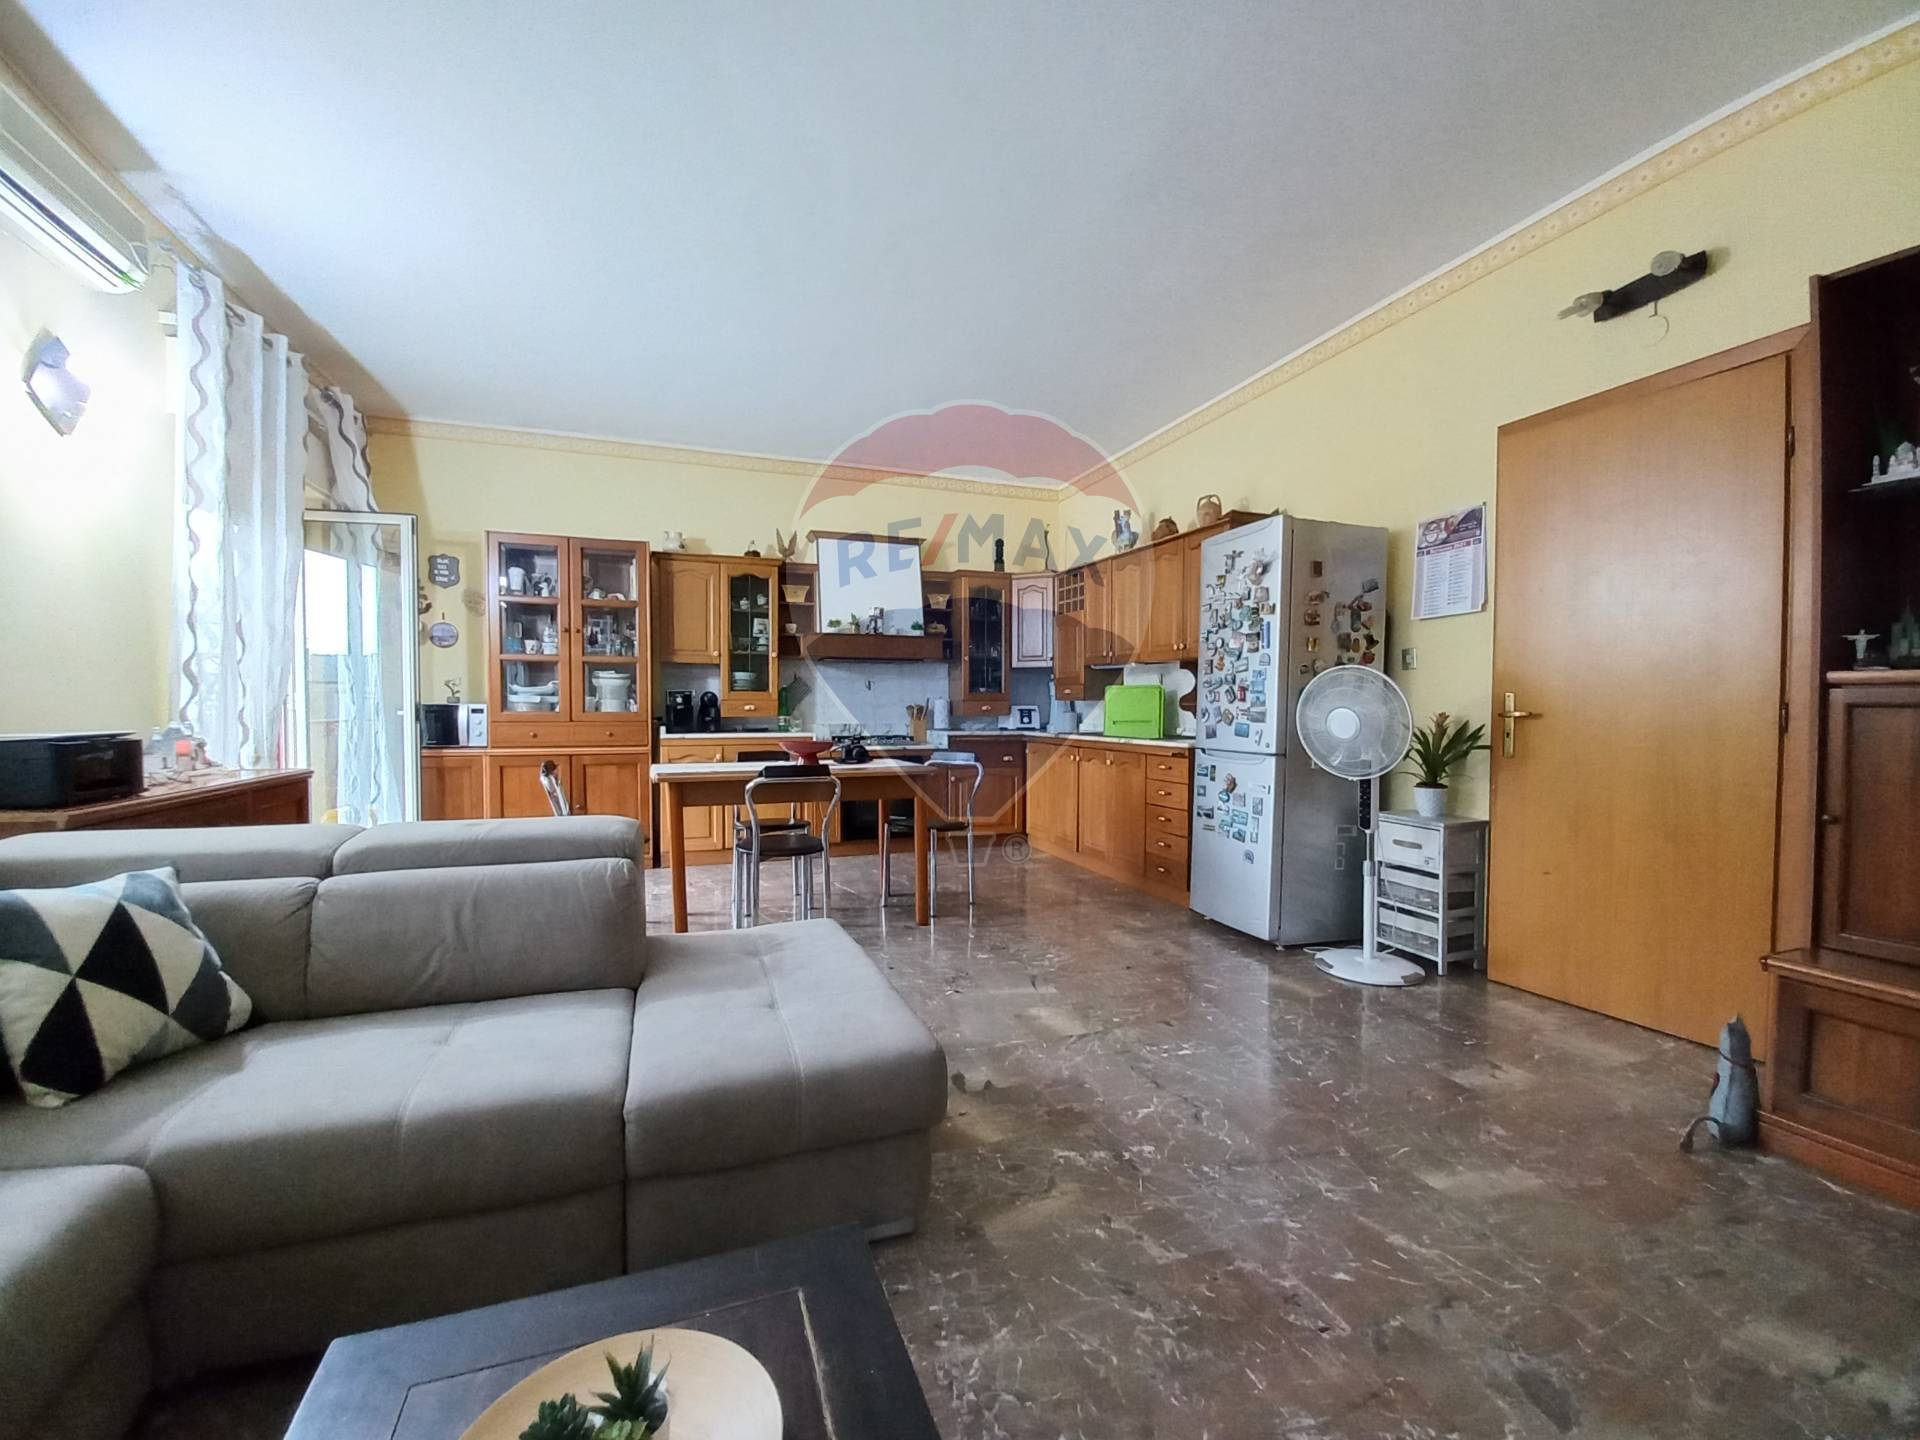 Appartamento in vendita a Gaggi, 8 locali, prezzo € 69.000 | CambioCasa.it